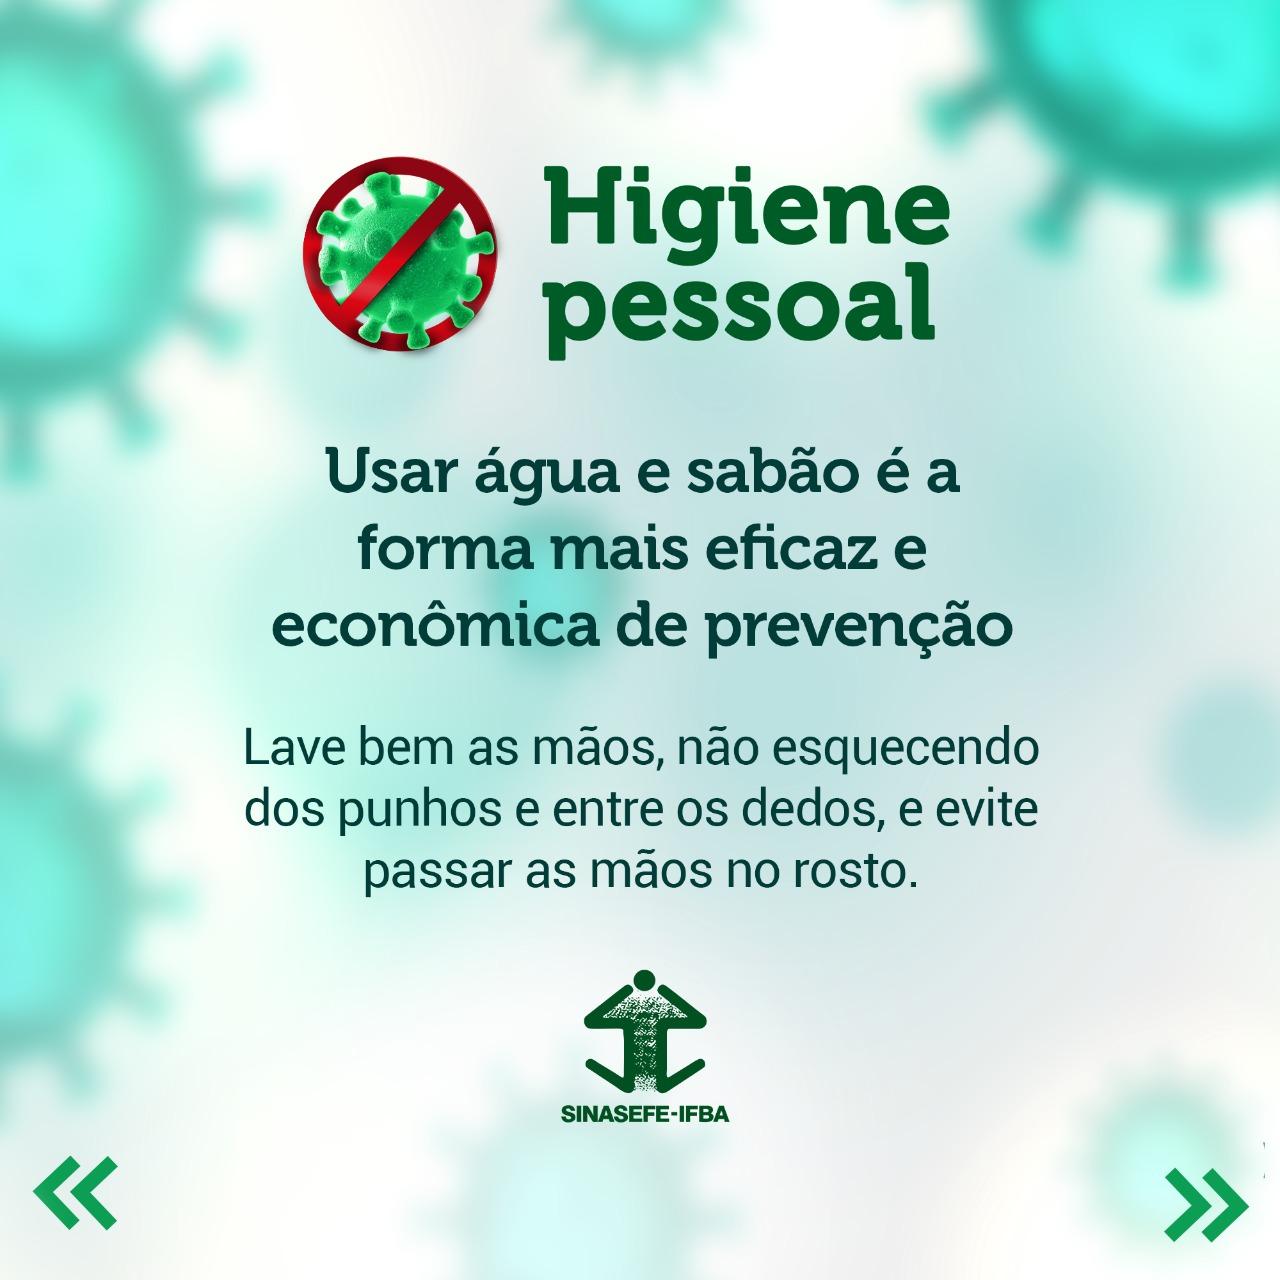 WhatsApp Image 2020-03-25 at 10.39.39 (3)